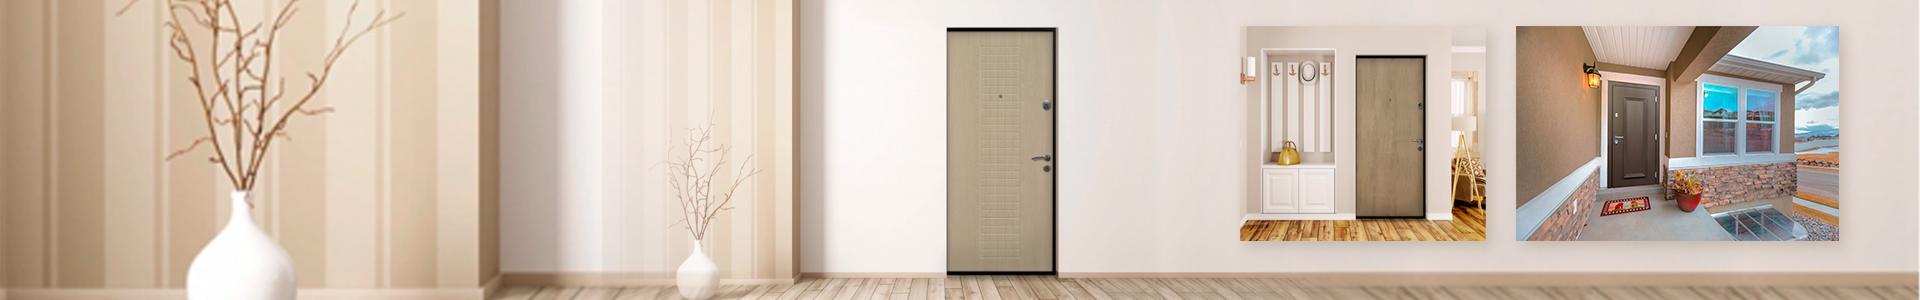 Скандинавский стиль - какую дверь выбрать?